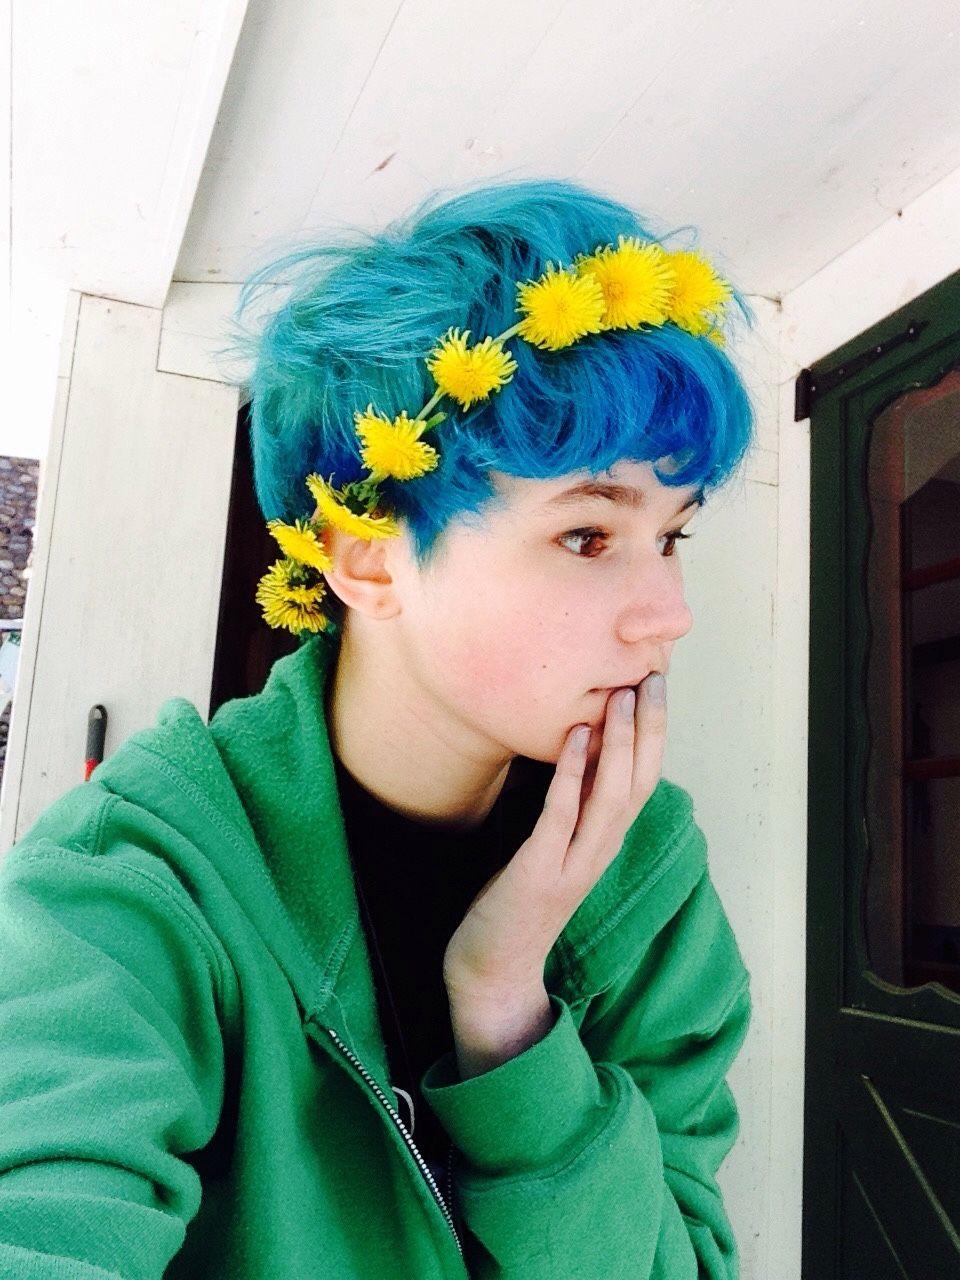 Blue Hair Tumblr Blue Hair Tumblr Blue Hair Short Blue Hair